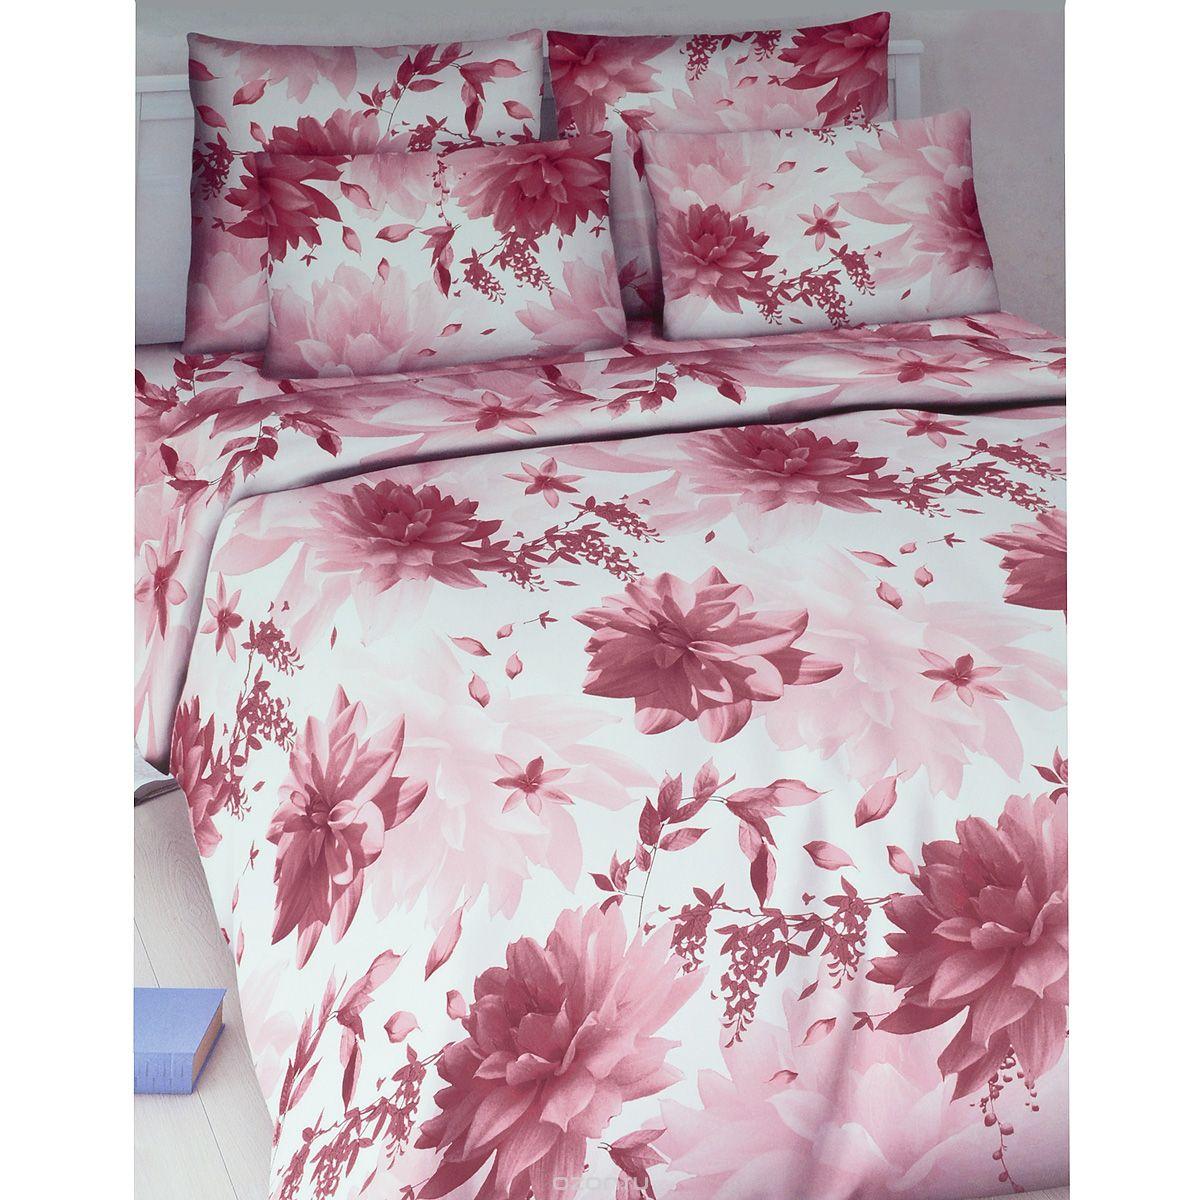 Комплект белья Василиса Лунный цветок, 1,5-спальный, наволочки 70х70, цвет: розовый, белый4668_1/1,5Комплект постельного белья Василиса Лунный цветок состоит из пододеяльника, простыни и двух наволочек. Дизайн - крупные сочные цветы. Белье изготовлено из бязи - гипоаллергенного, экологичного, высококачественного, крупнозакрученного волокна, благодаря чему эта ткань мягкая, нежная на ощупь и очень прочная, не образует катышков на поверхности. При соблюдении рекомендаций по уходу, это белье выдерживает много стирок (более 70), не линяет и не теряет свою первоначальную прочность. Уникальная ткань обеспечивает легкую глажку.